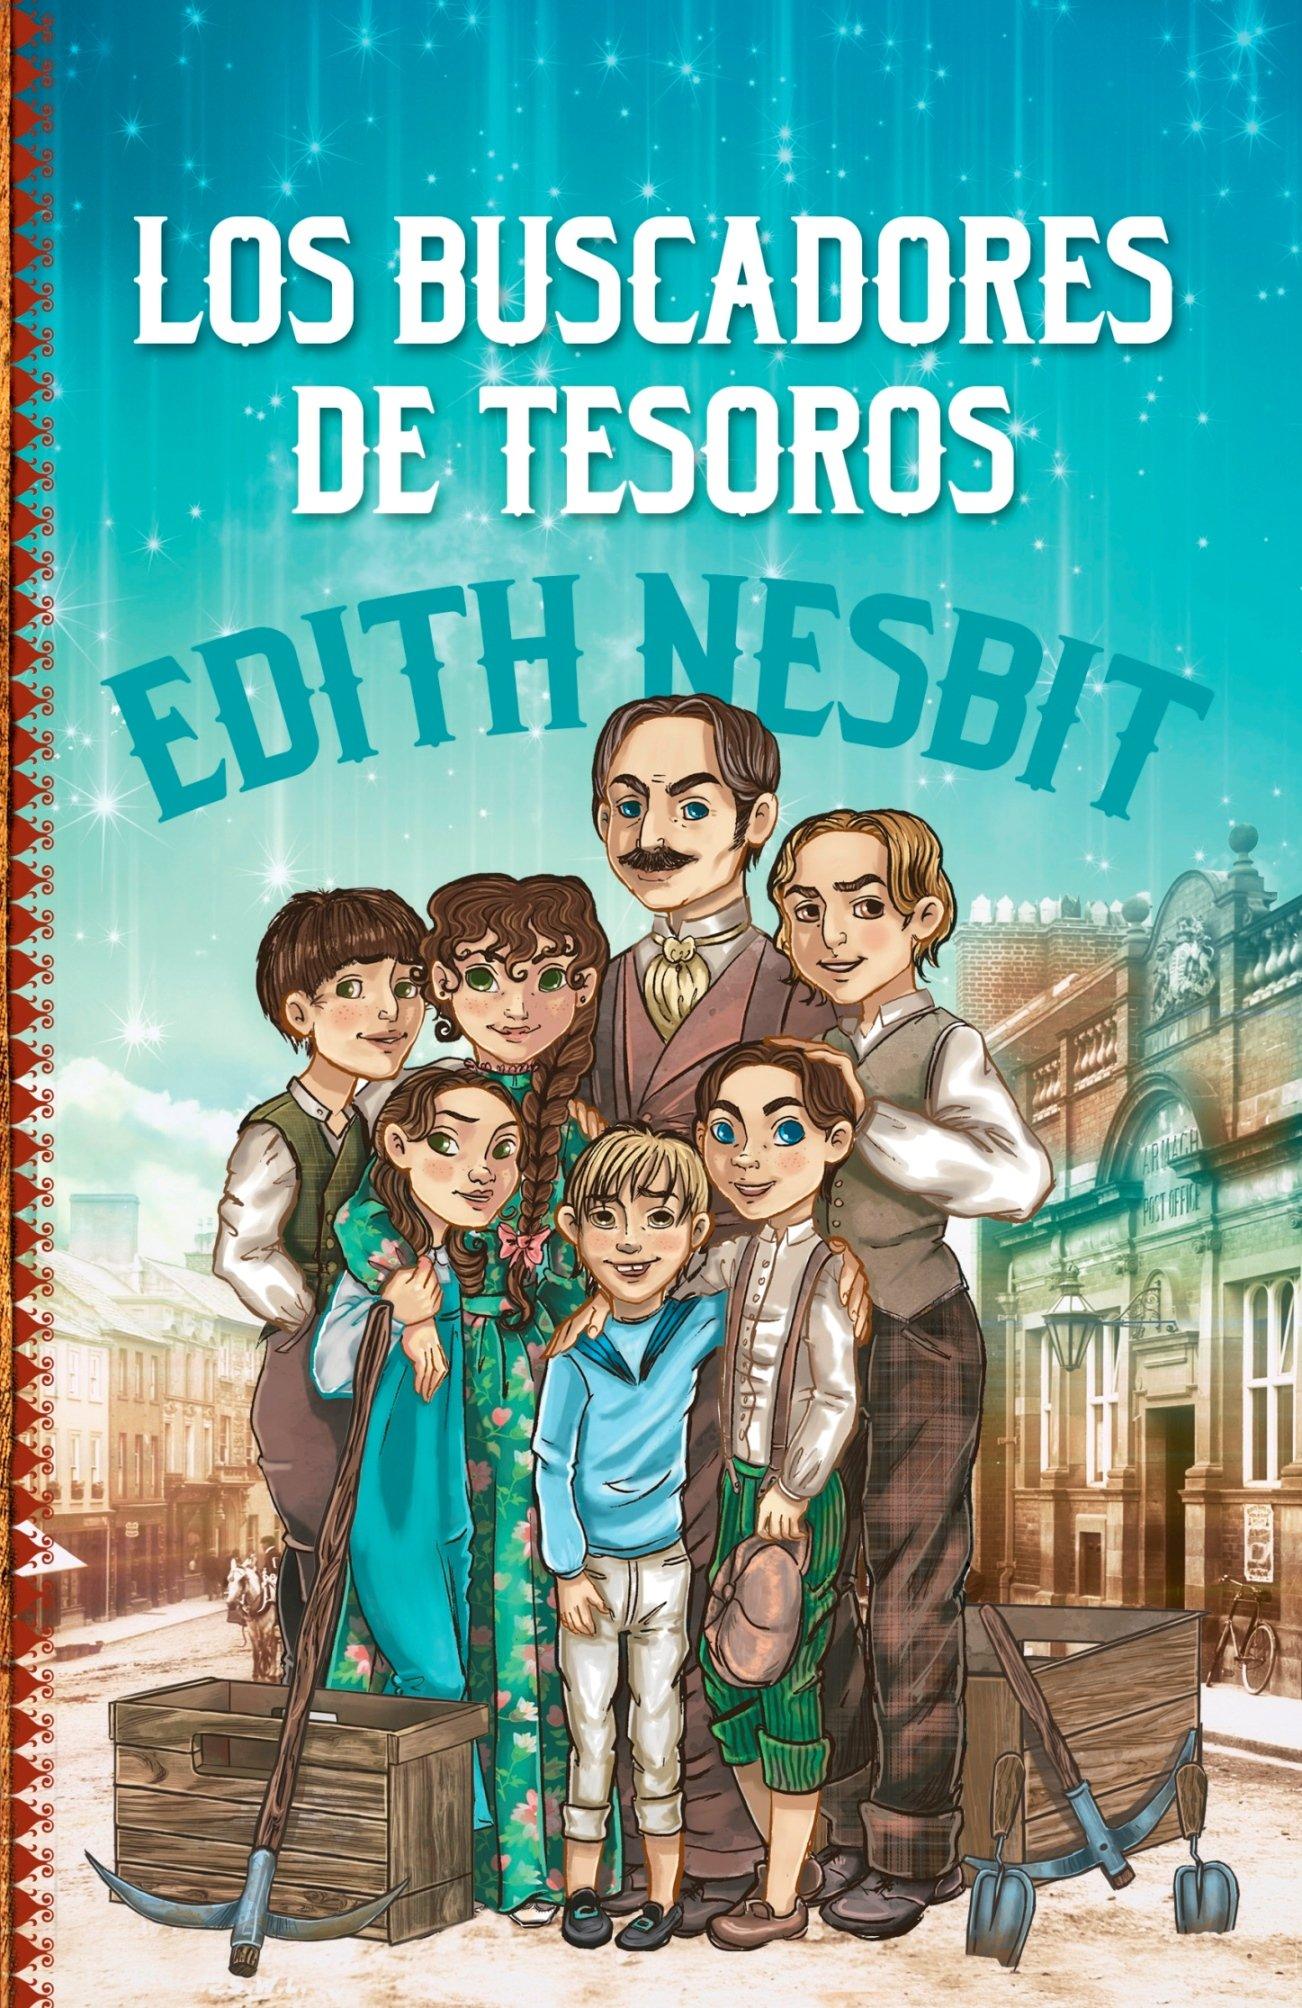 Los buscadores de tesoros (Spanish Edition) PDF